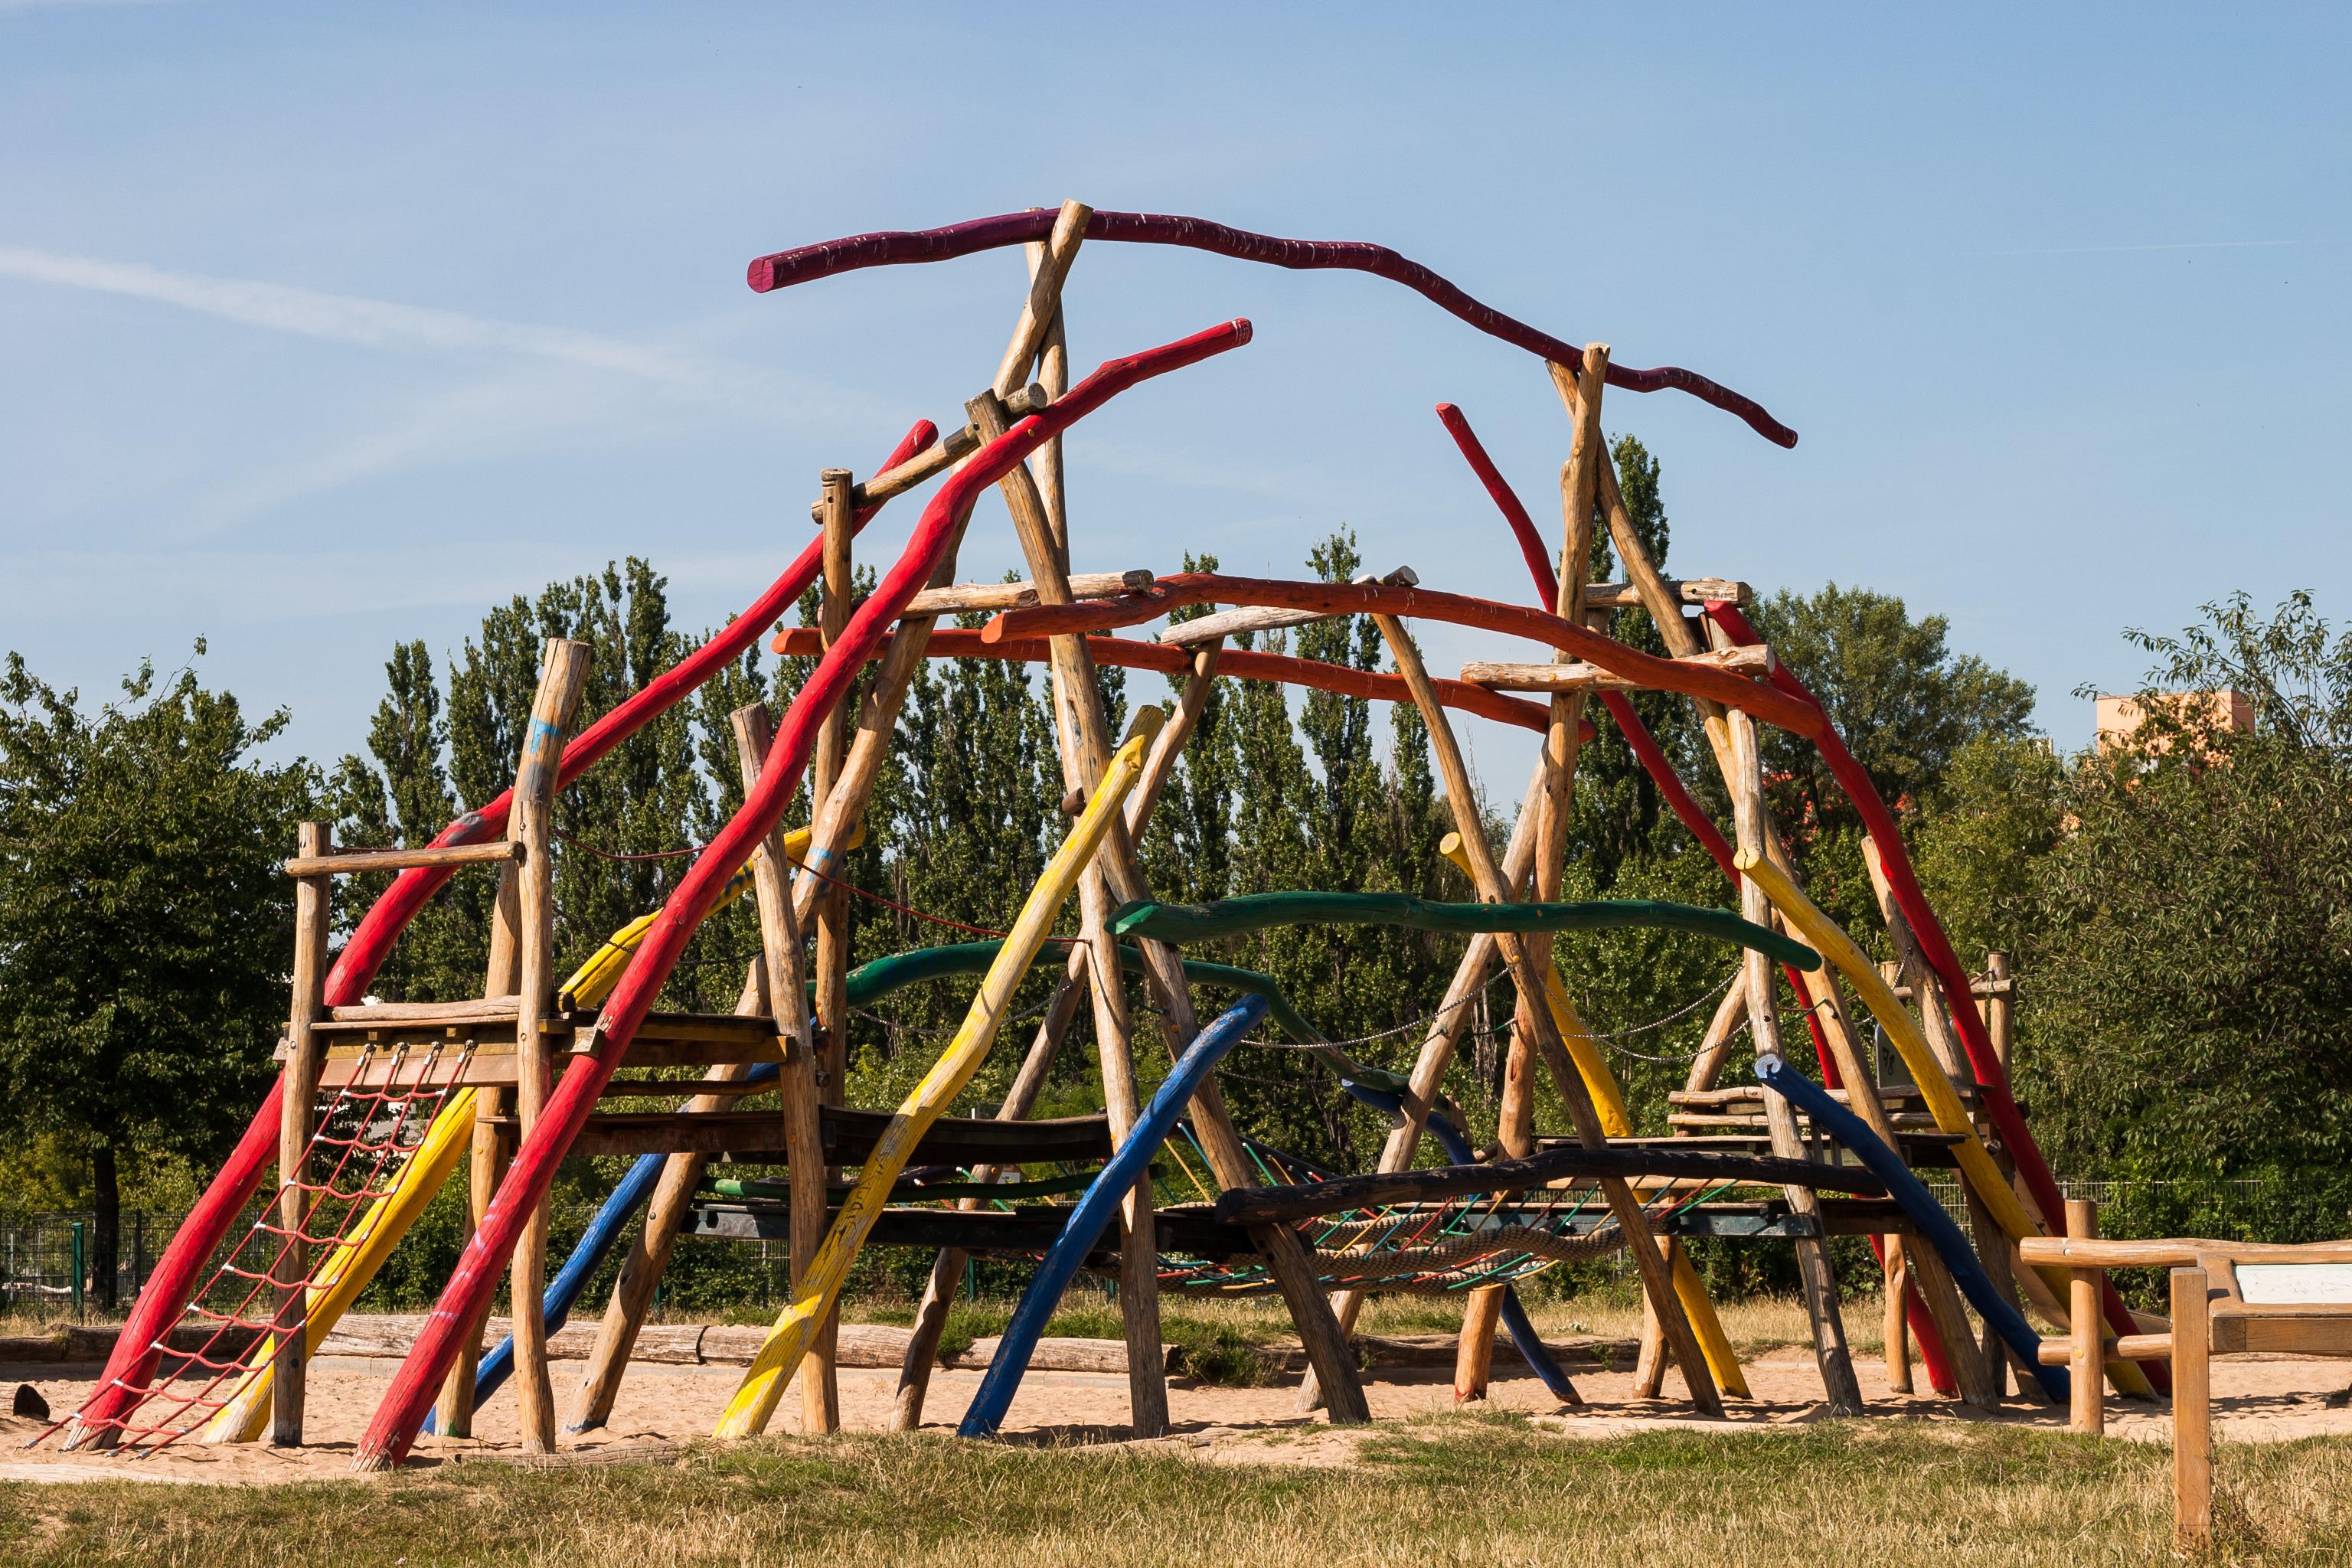 Klettergerüst English : Datei klettergerüst spielplatz mauerpark berlin g u wikipedia